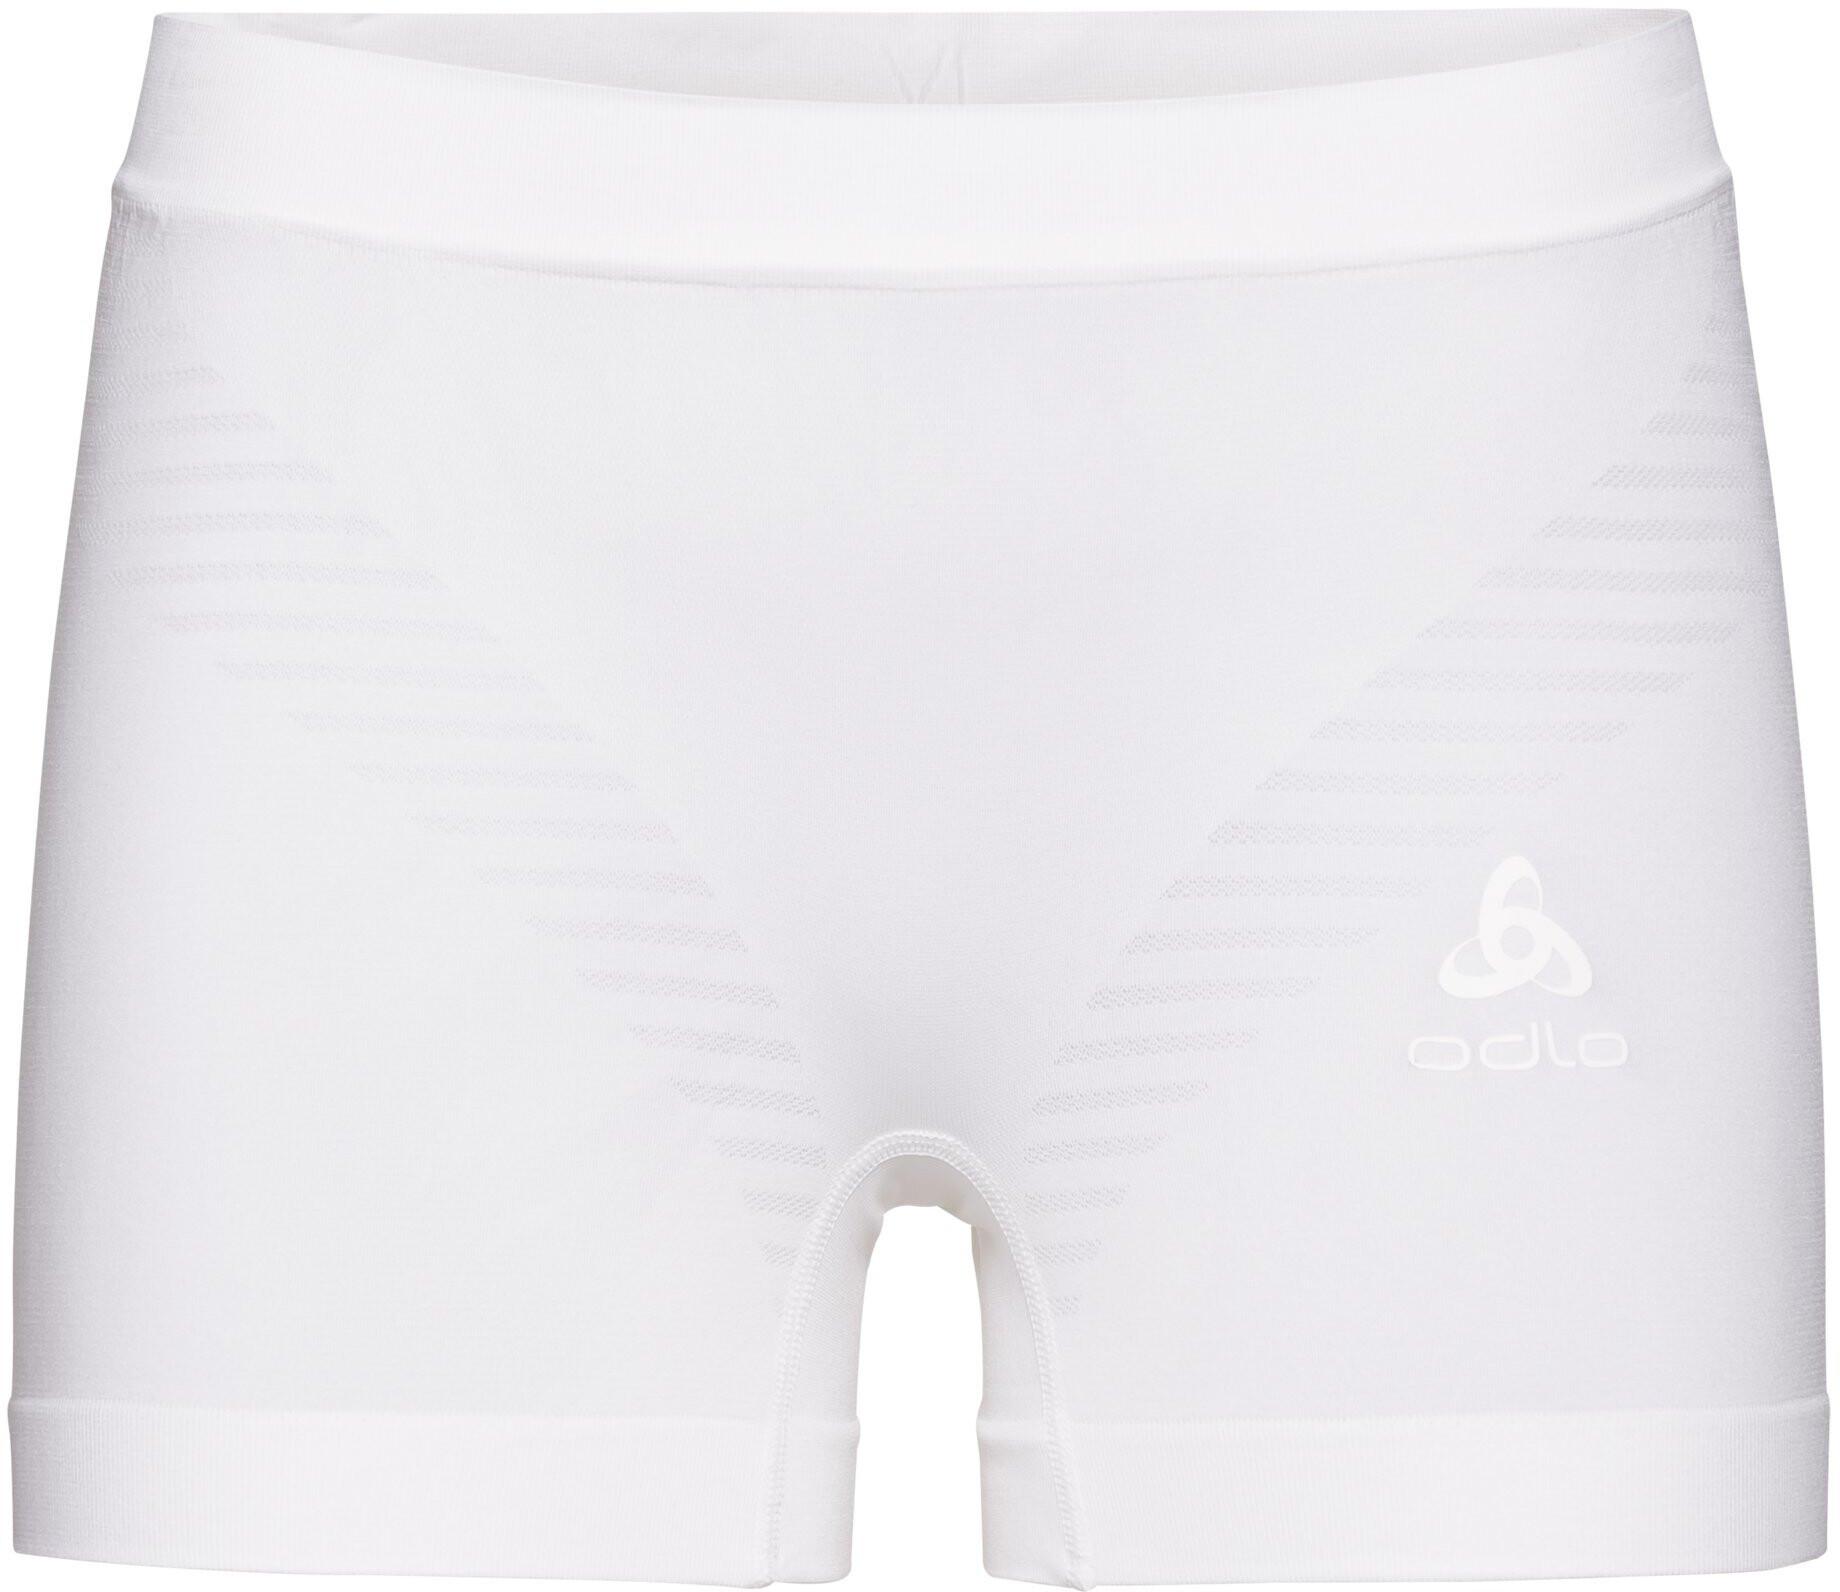 Odlo Suw Bottom Panty Performance Light Haut Femme